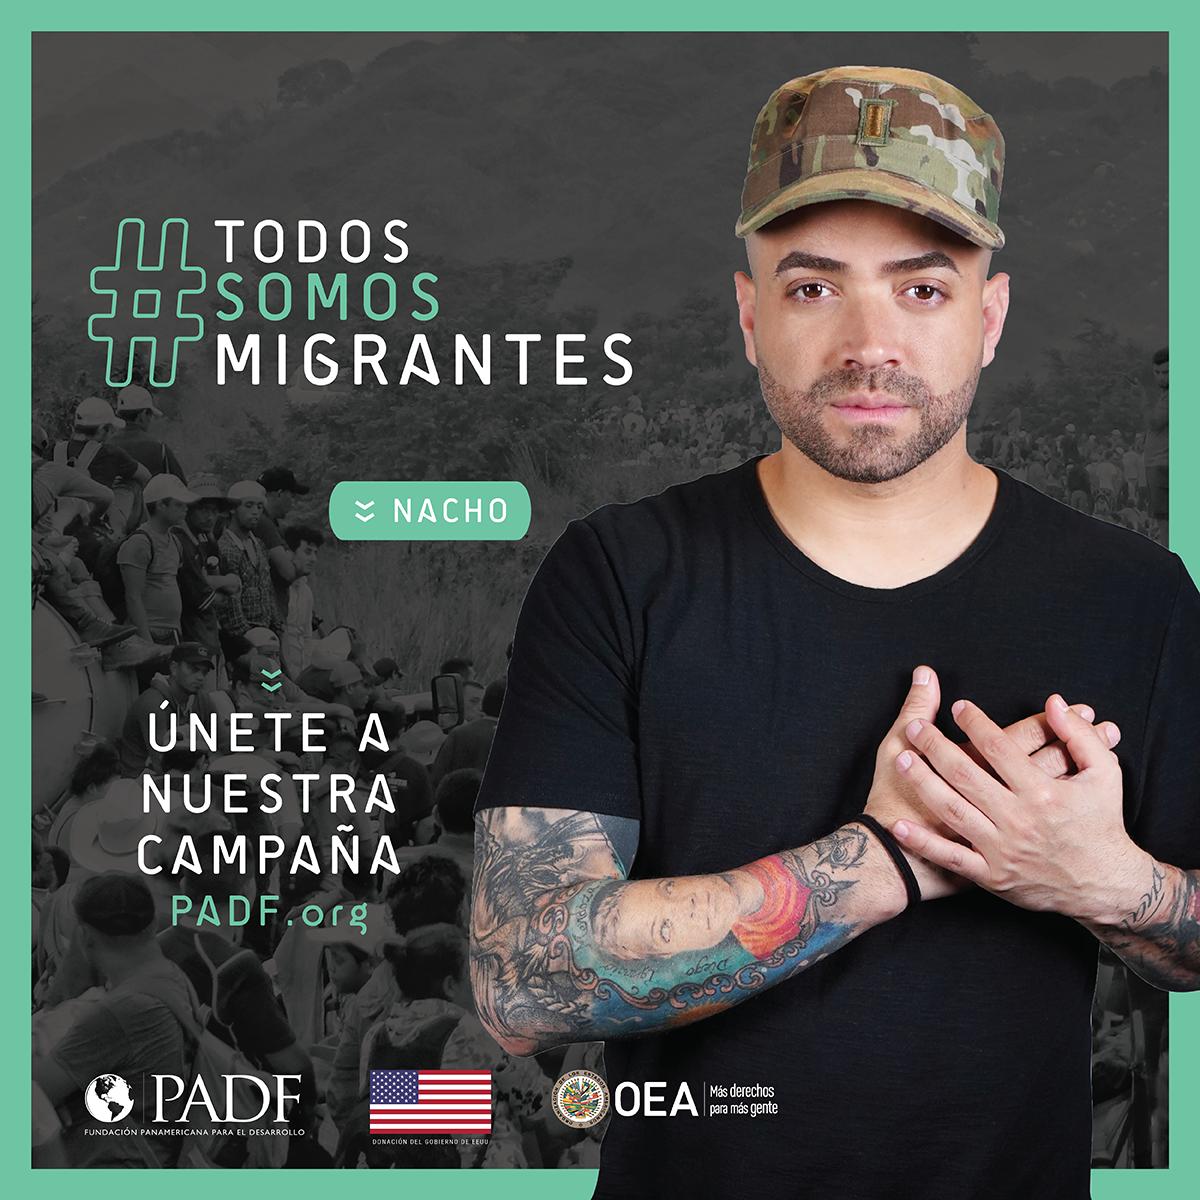 NAcho #TodosSomosMigrantes campaña